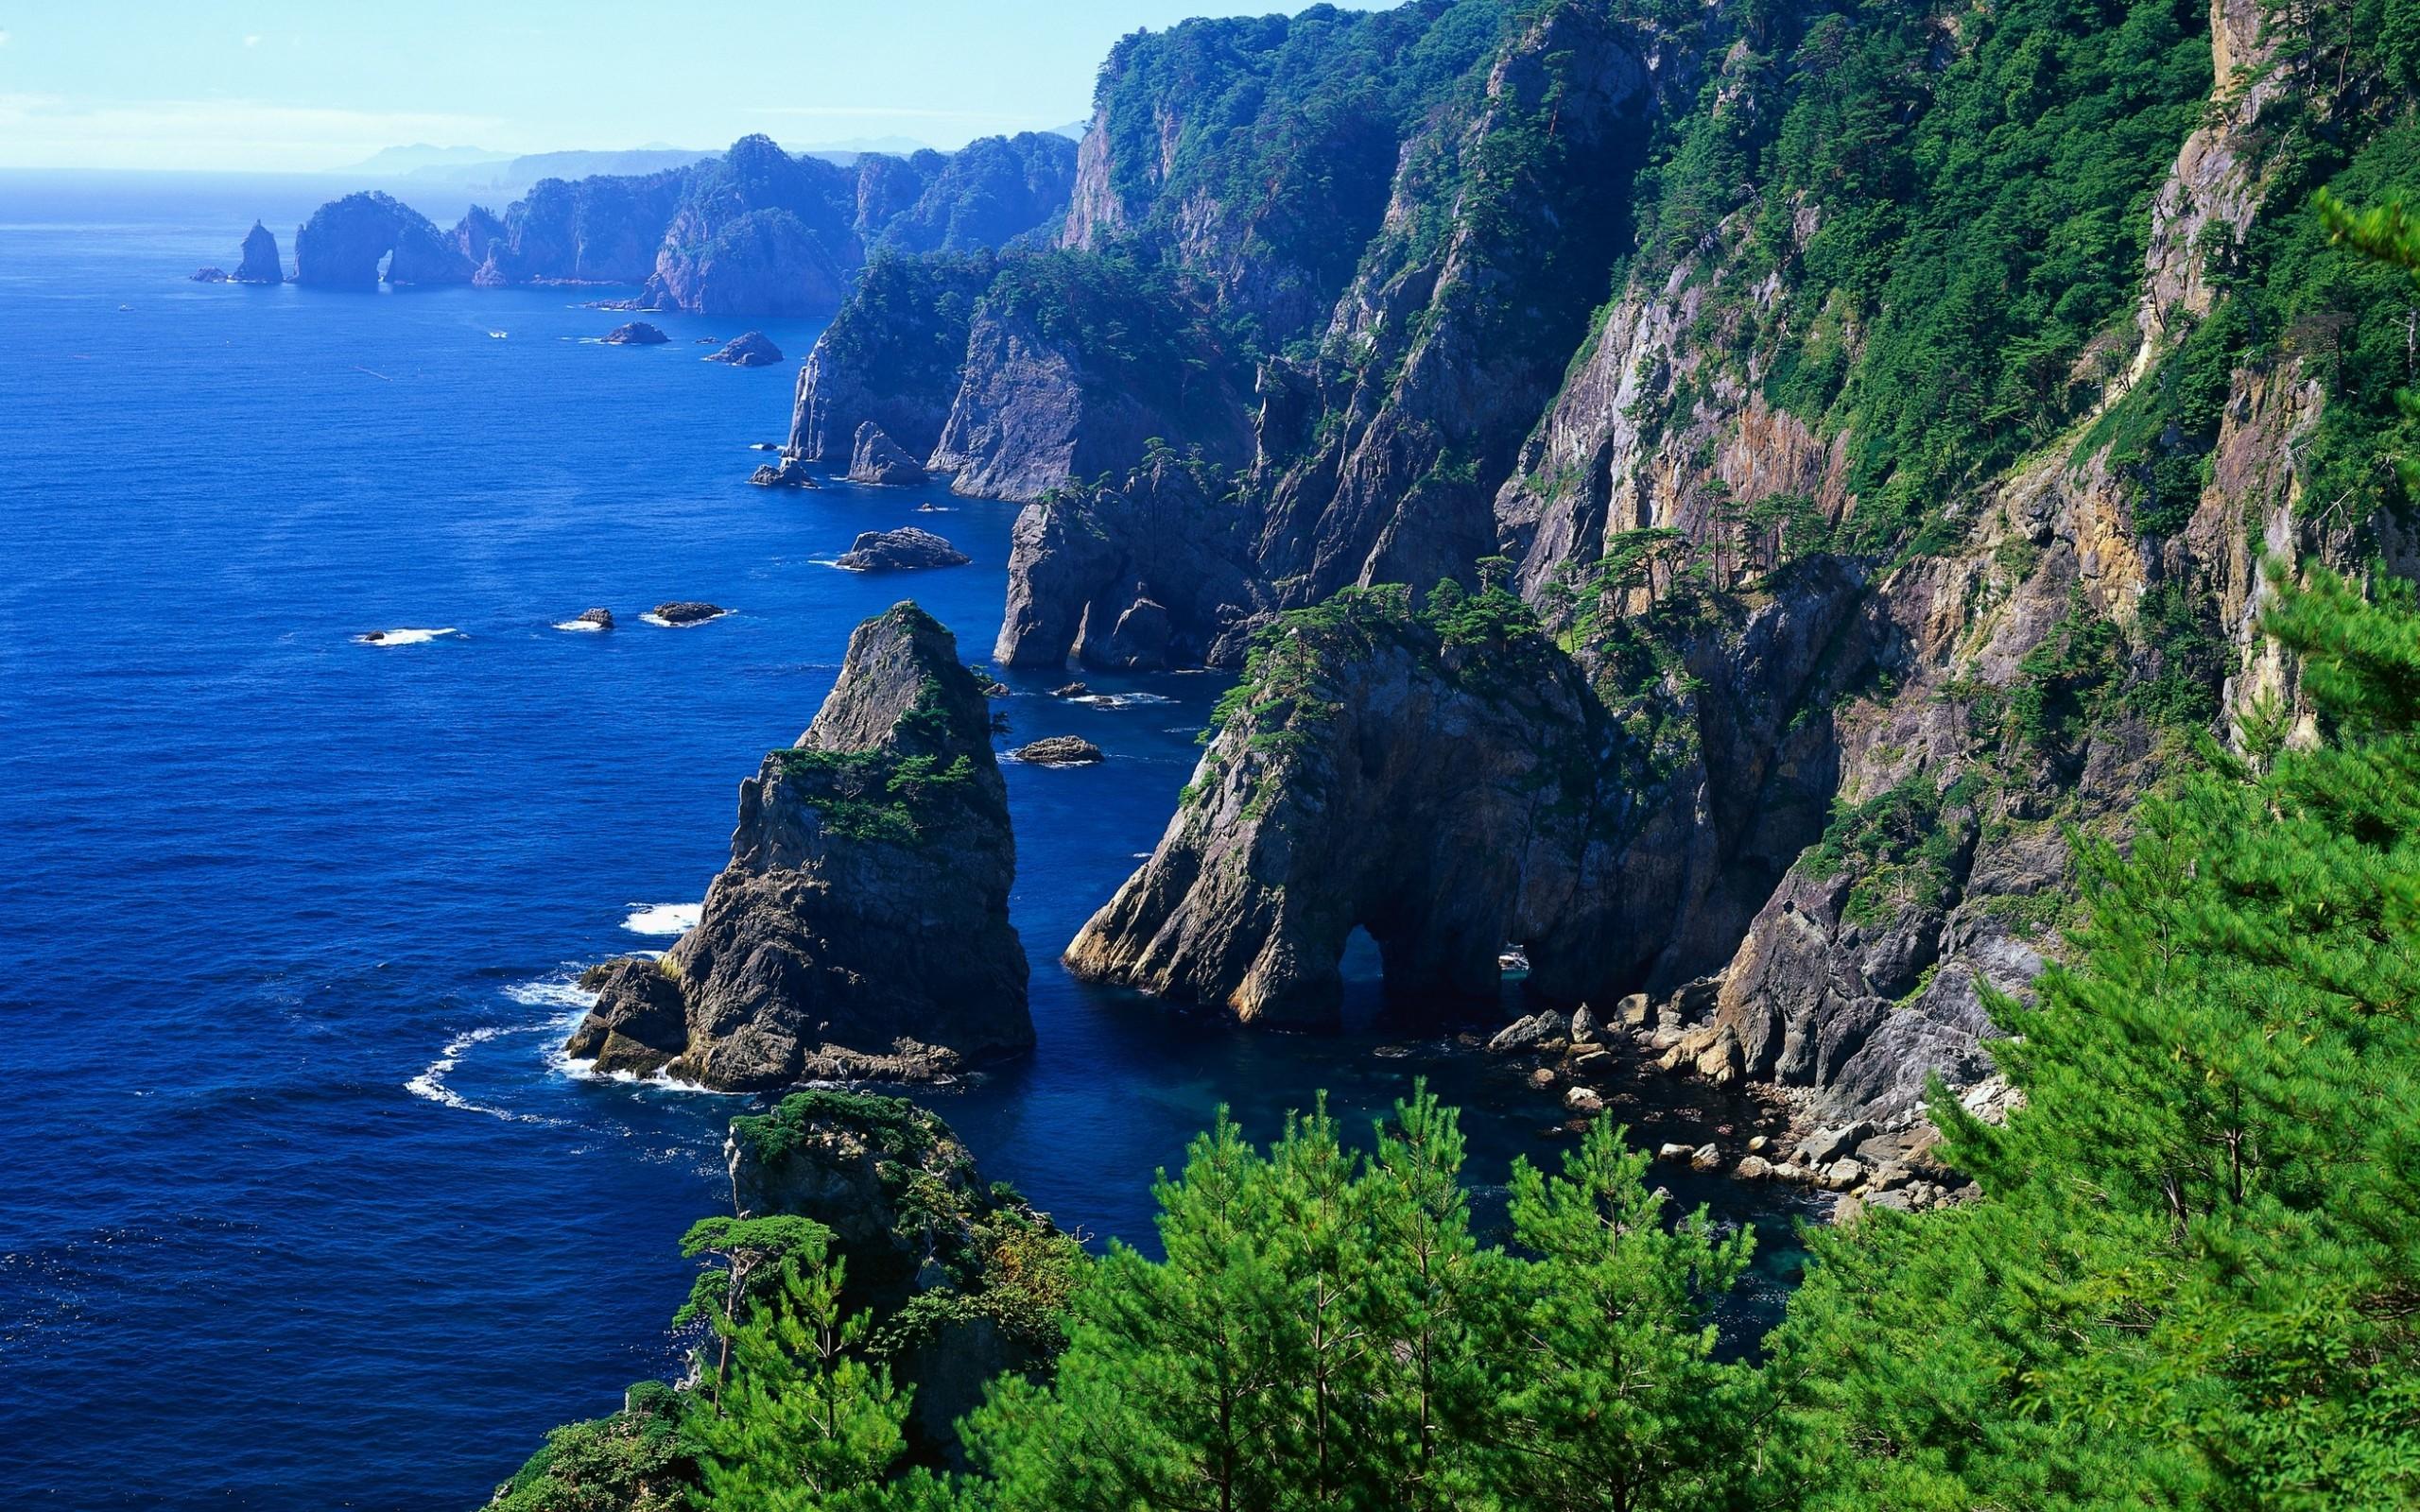 Картинки с горами и морем, смешные картинки